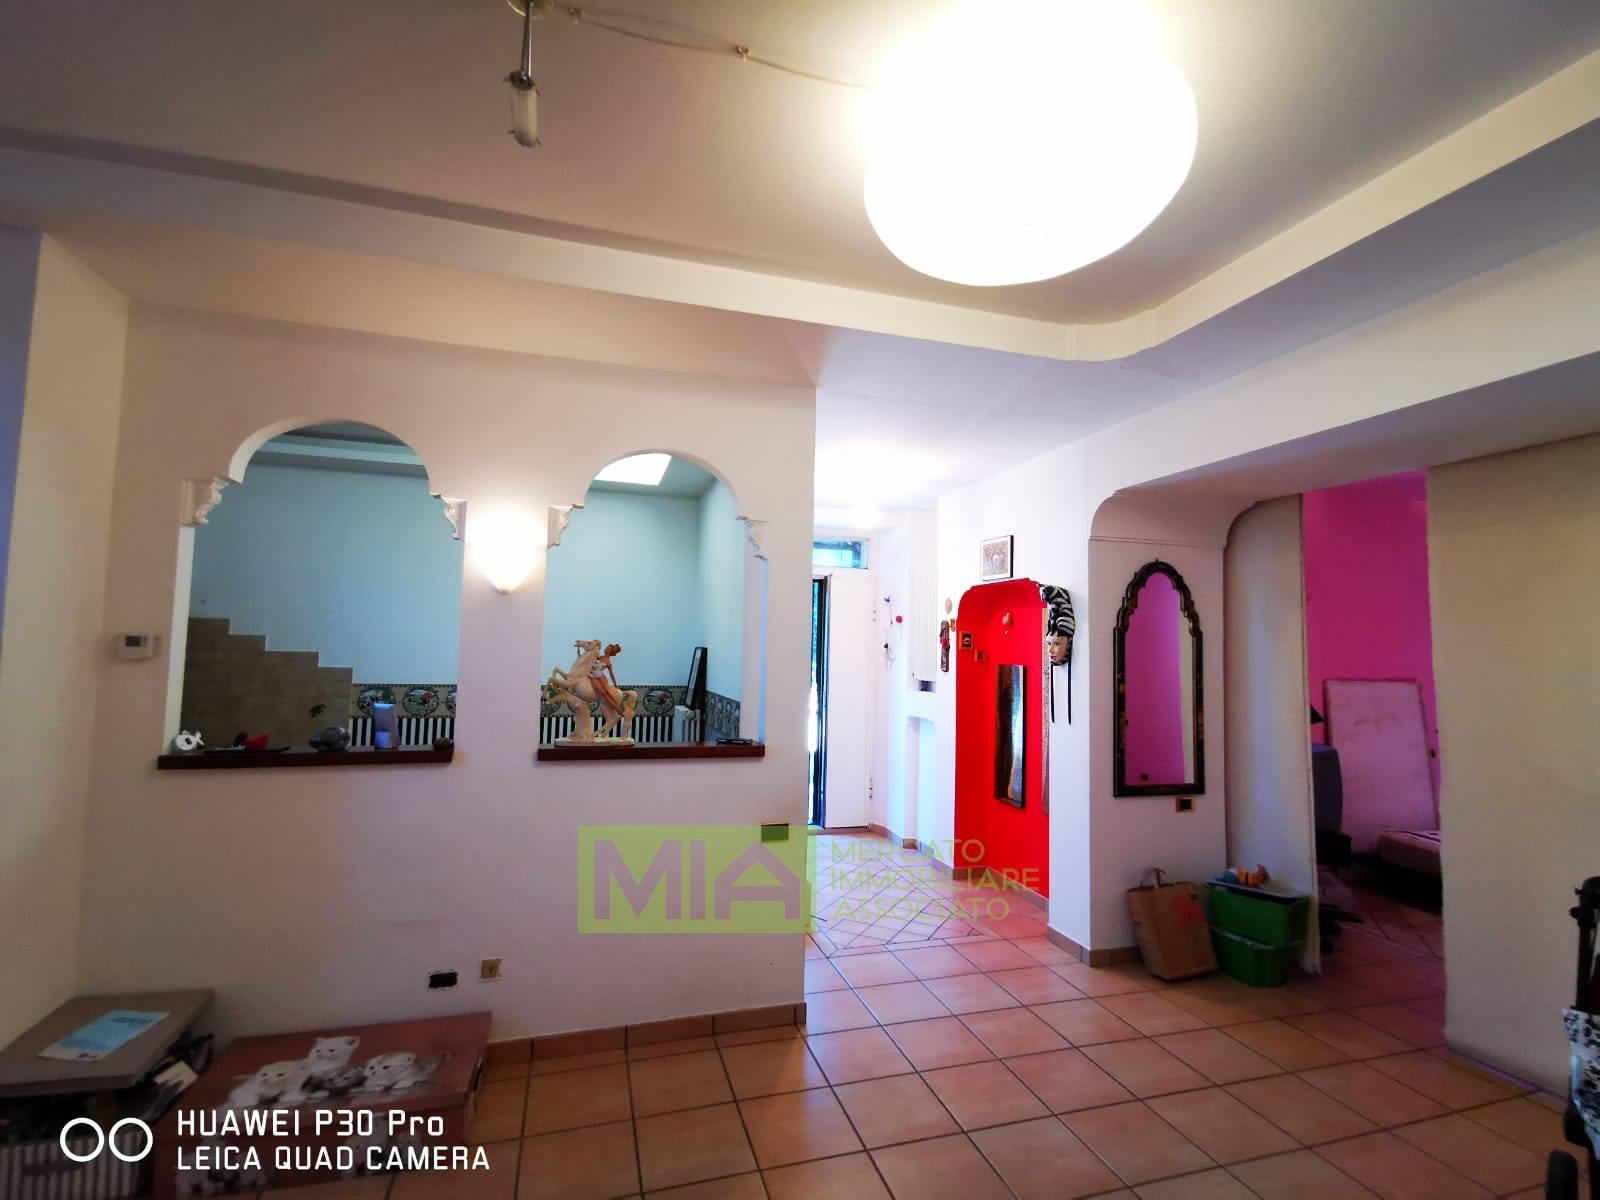 Appartamento in vendita a Macerata, 3 locali, zona Località: PACE, prezzo € 73.000 | CambioCasa.it